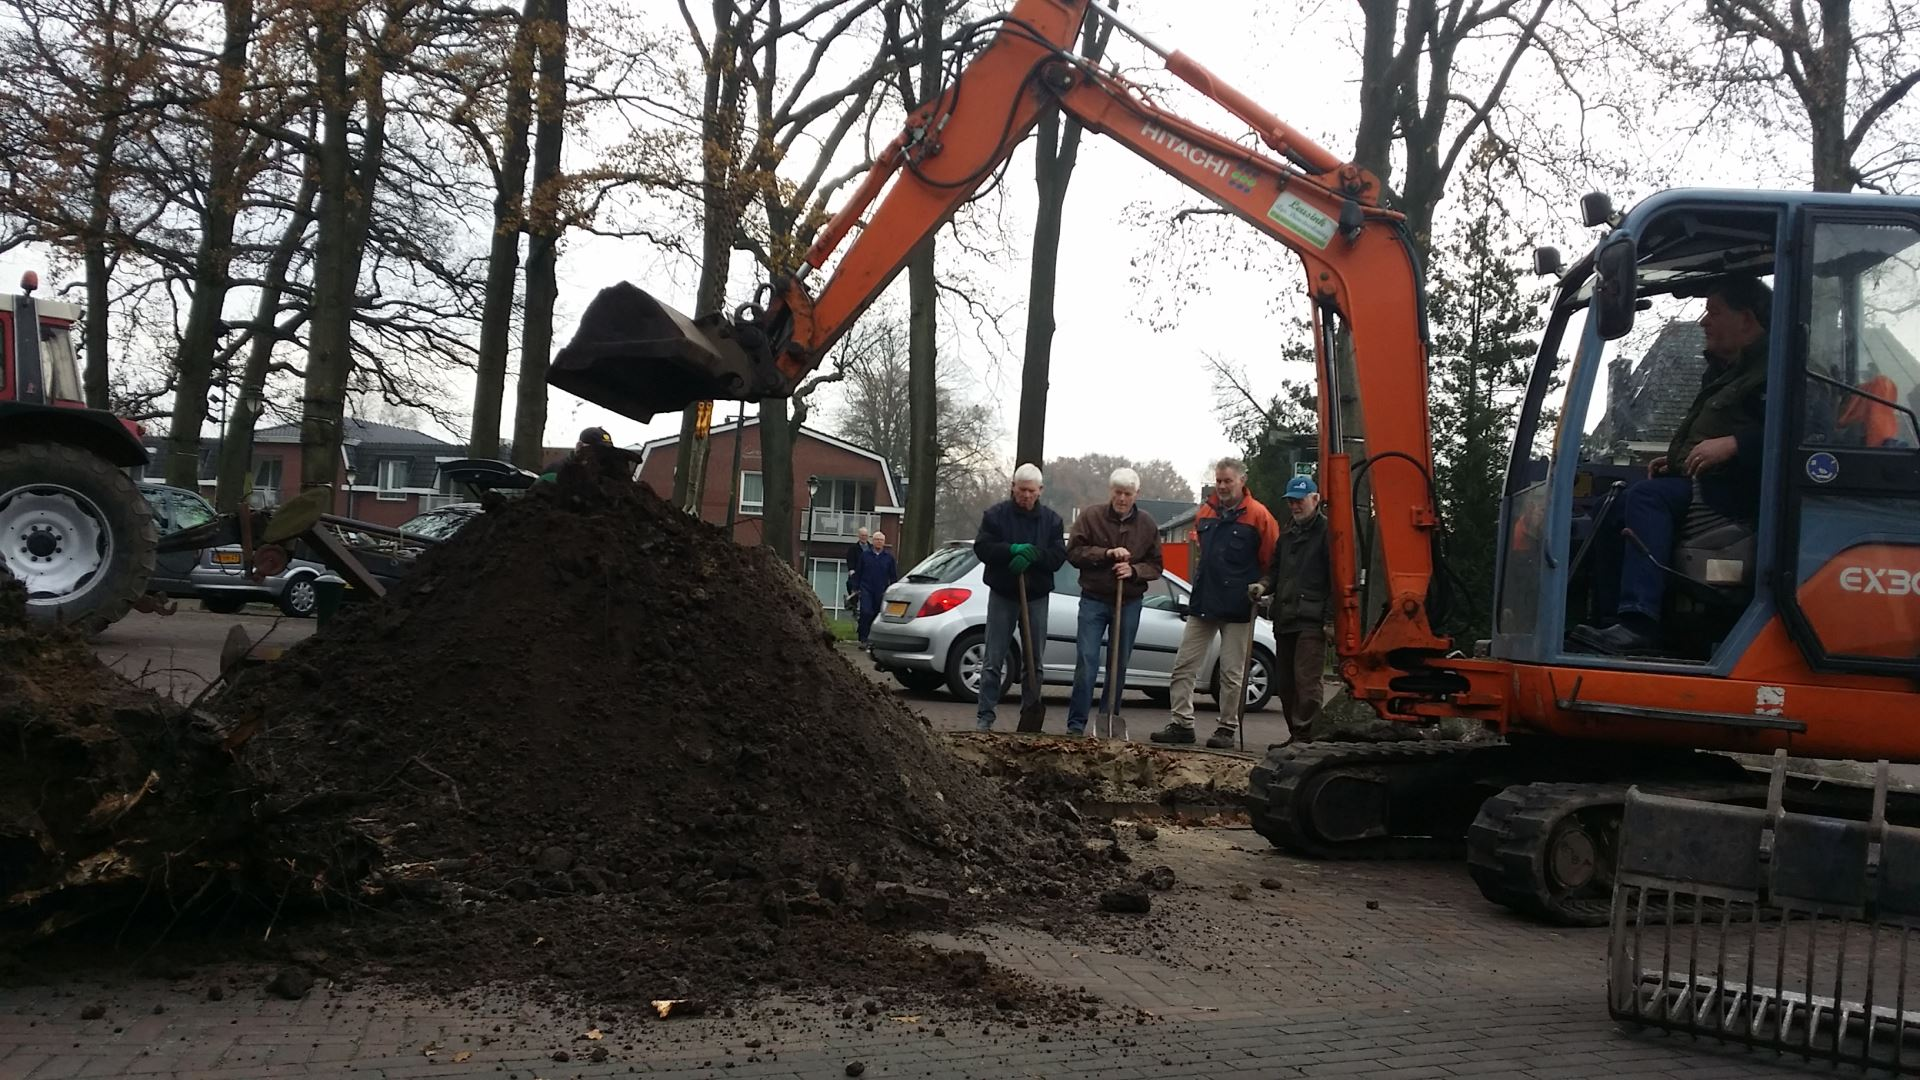 De Droadneagels zijn verplaatst naar een prominente plek op het Dorpsplein.